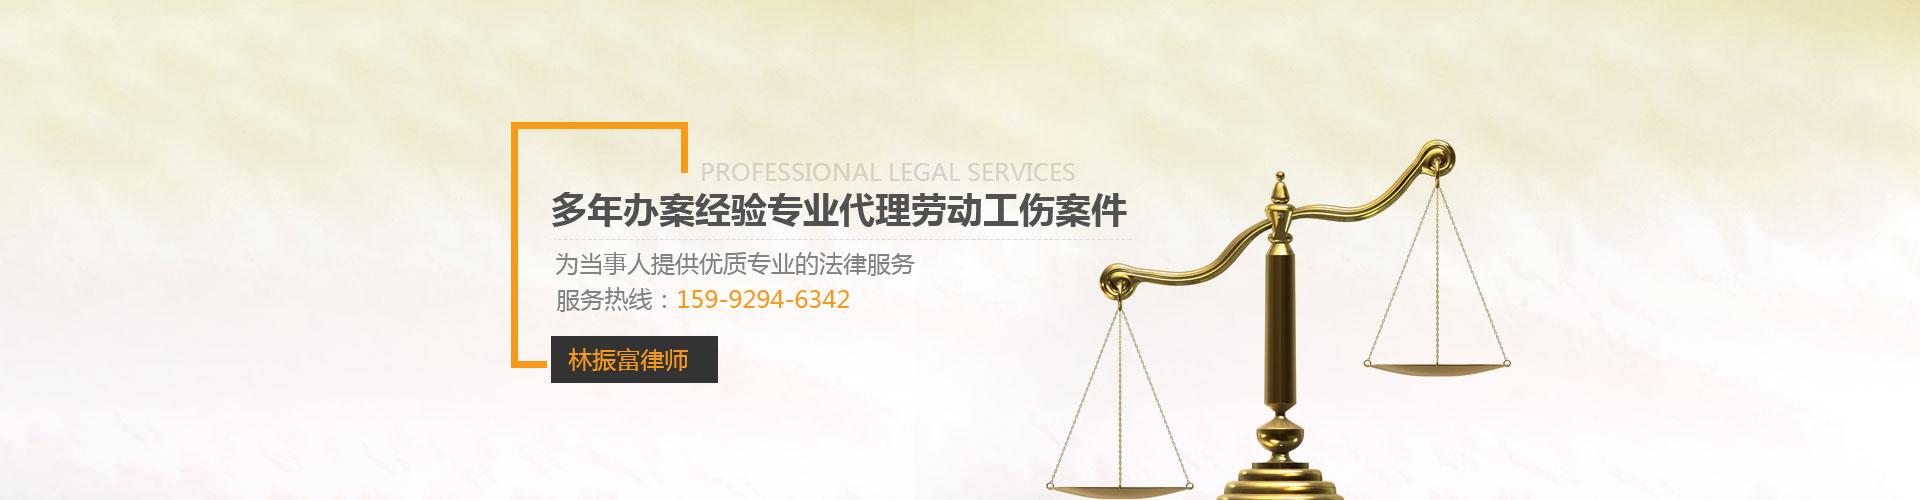 广东林振富律师